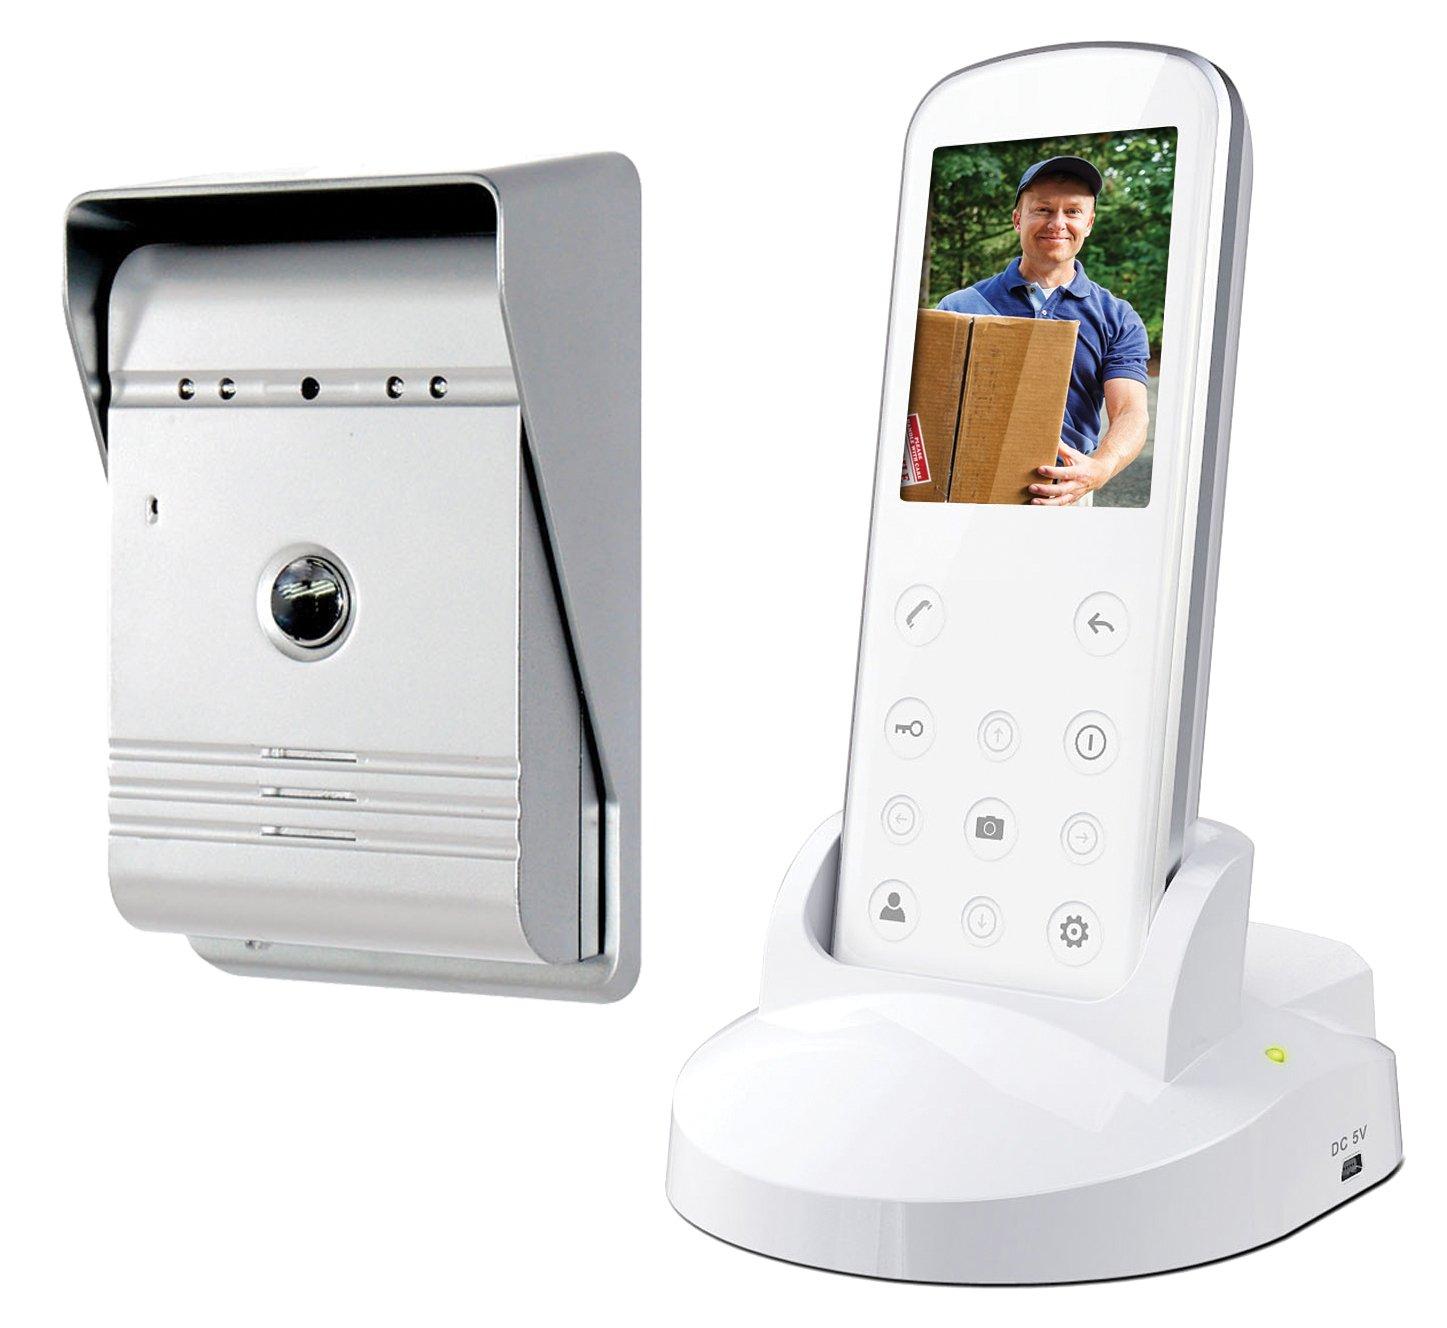 Smartwares Drahtlose Videotürsprechanlage mit Nachtsichtfunktion und Bildaufnahme, Funkreichweite bis zu 175 m, VD36W  BaumarktKritiken und weitere Infos